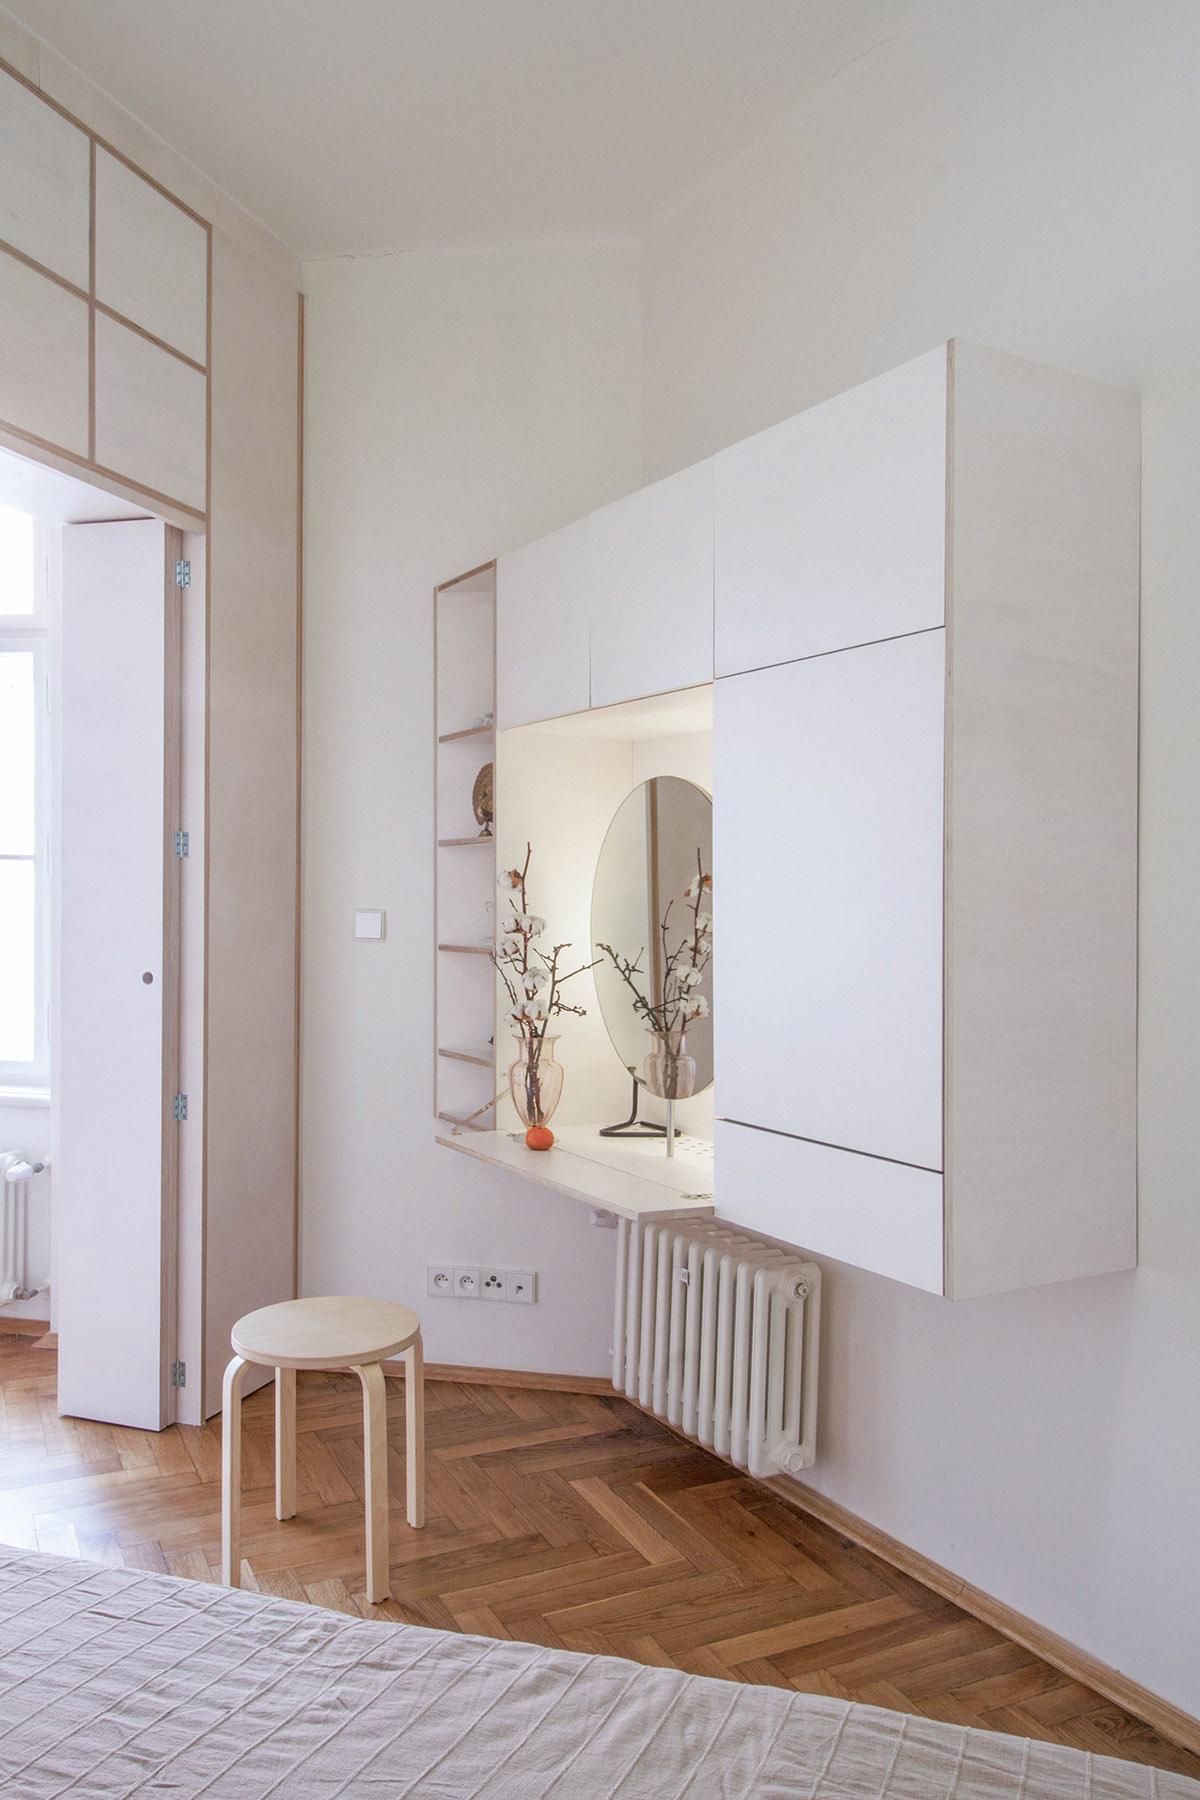 卧室飘窗设计_33款漂亮的卧室梳妆台设计(4) - 设计之家